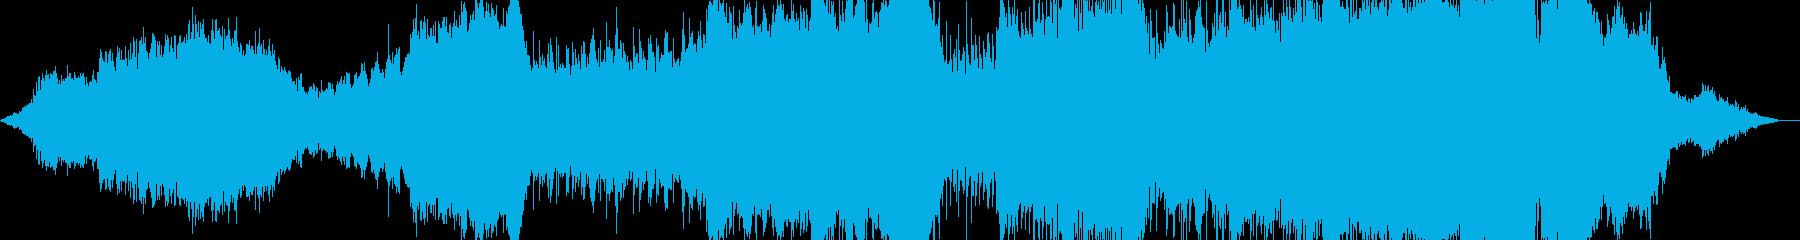 スケールが大きくて破壊力あるメロディーの再生済みの波形